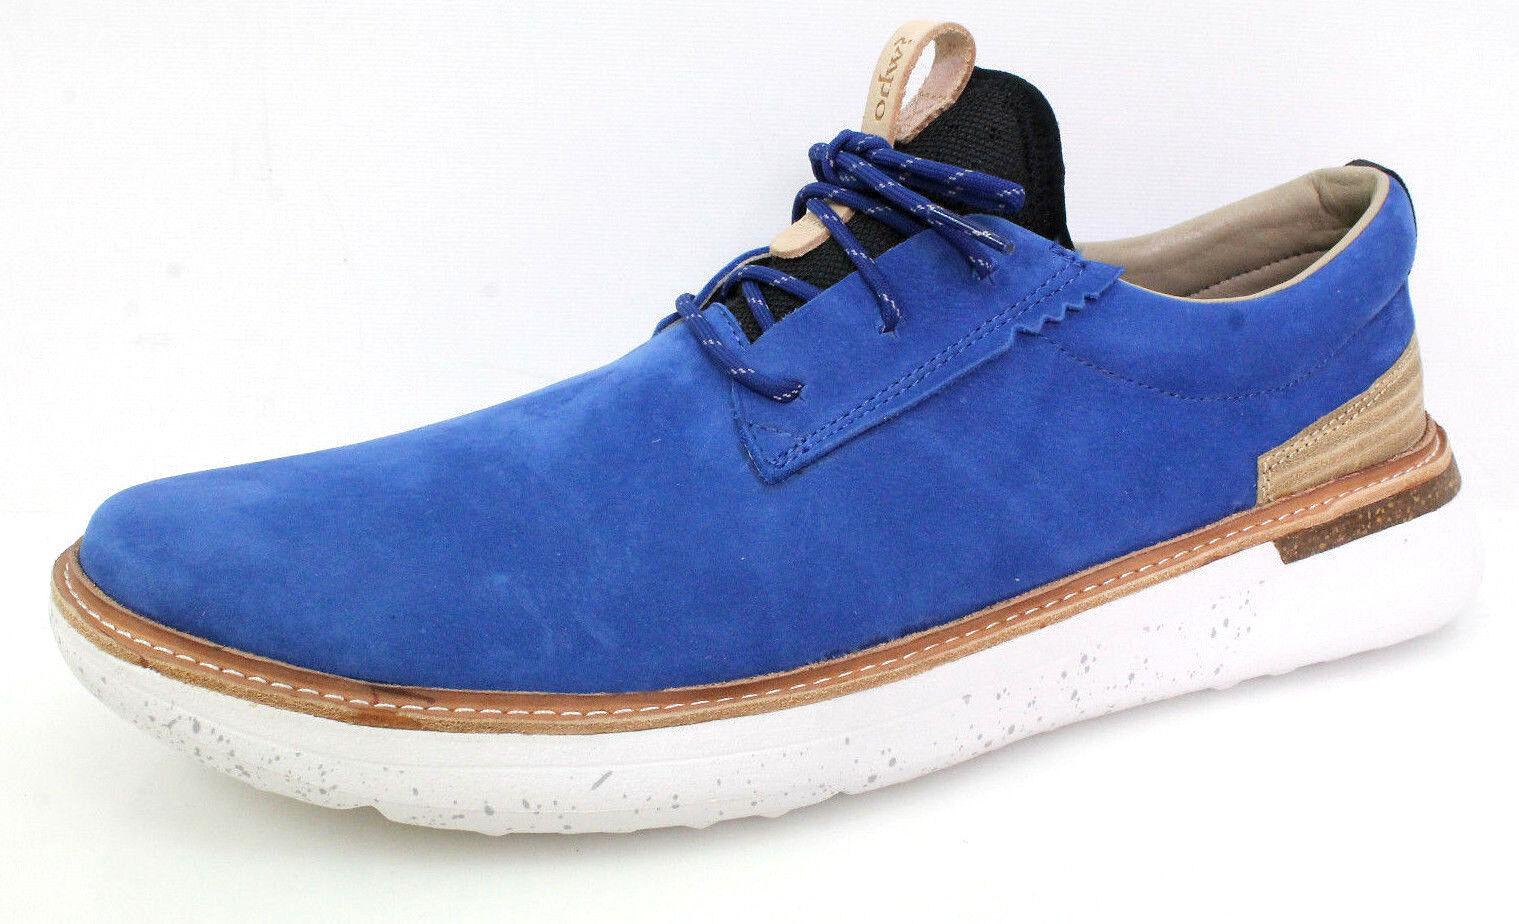 OHW? Herren Sneakers Lawes Warme Sportliche Leder Schuhe Gr 46 Blau Neu